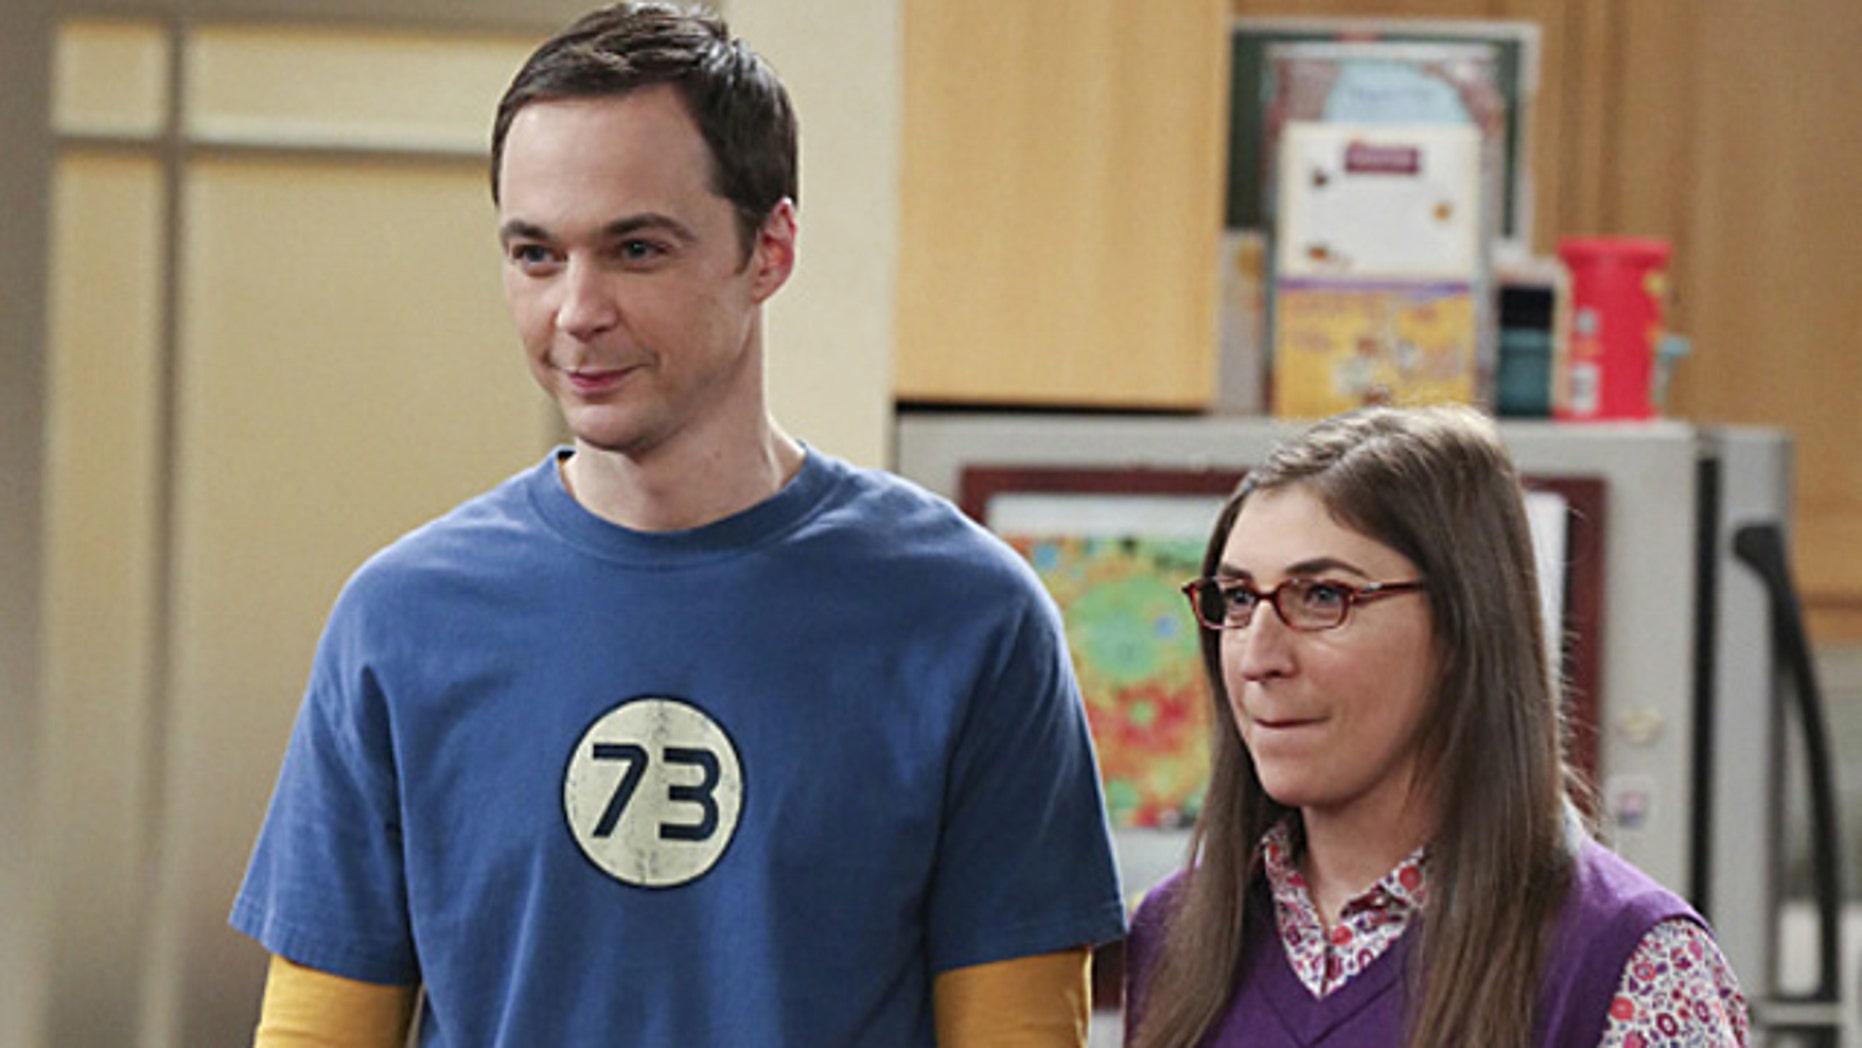 Jim Parsons and Mayim Bialik as Sheldon and Amy on CBS' 'The Big Bang Theory (Michael Yarish/Warner Bros. Entertainment Inc.)